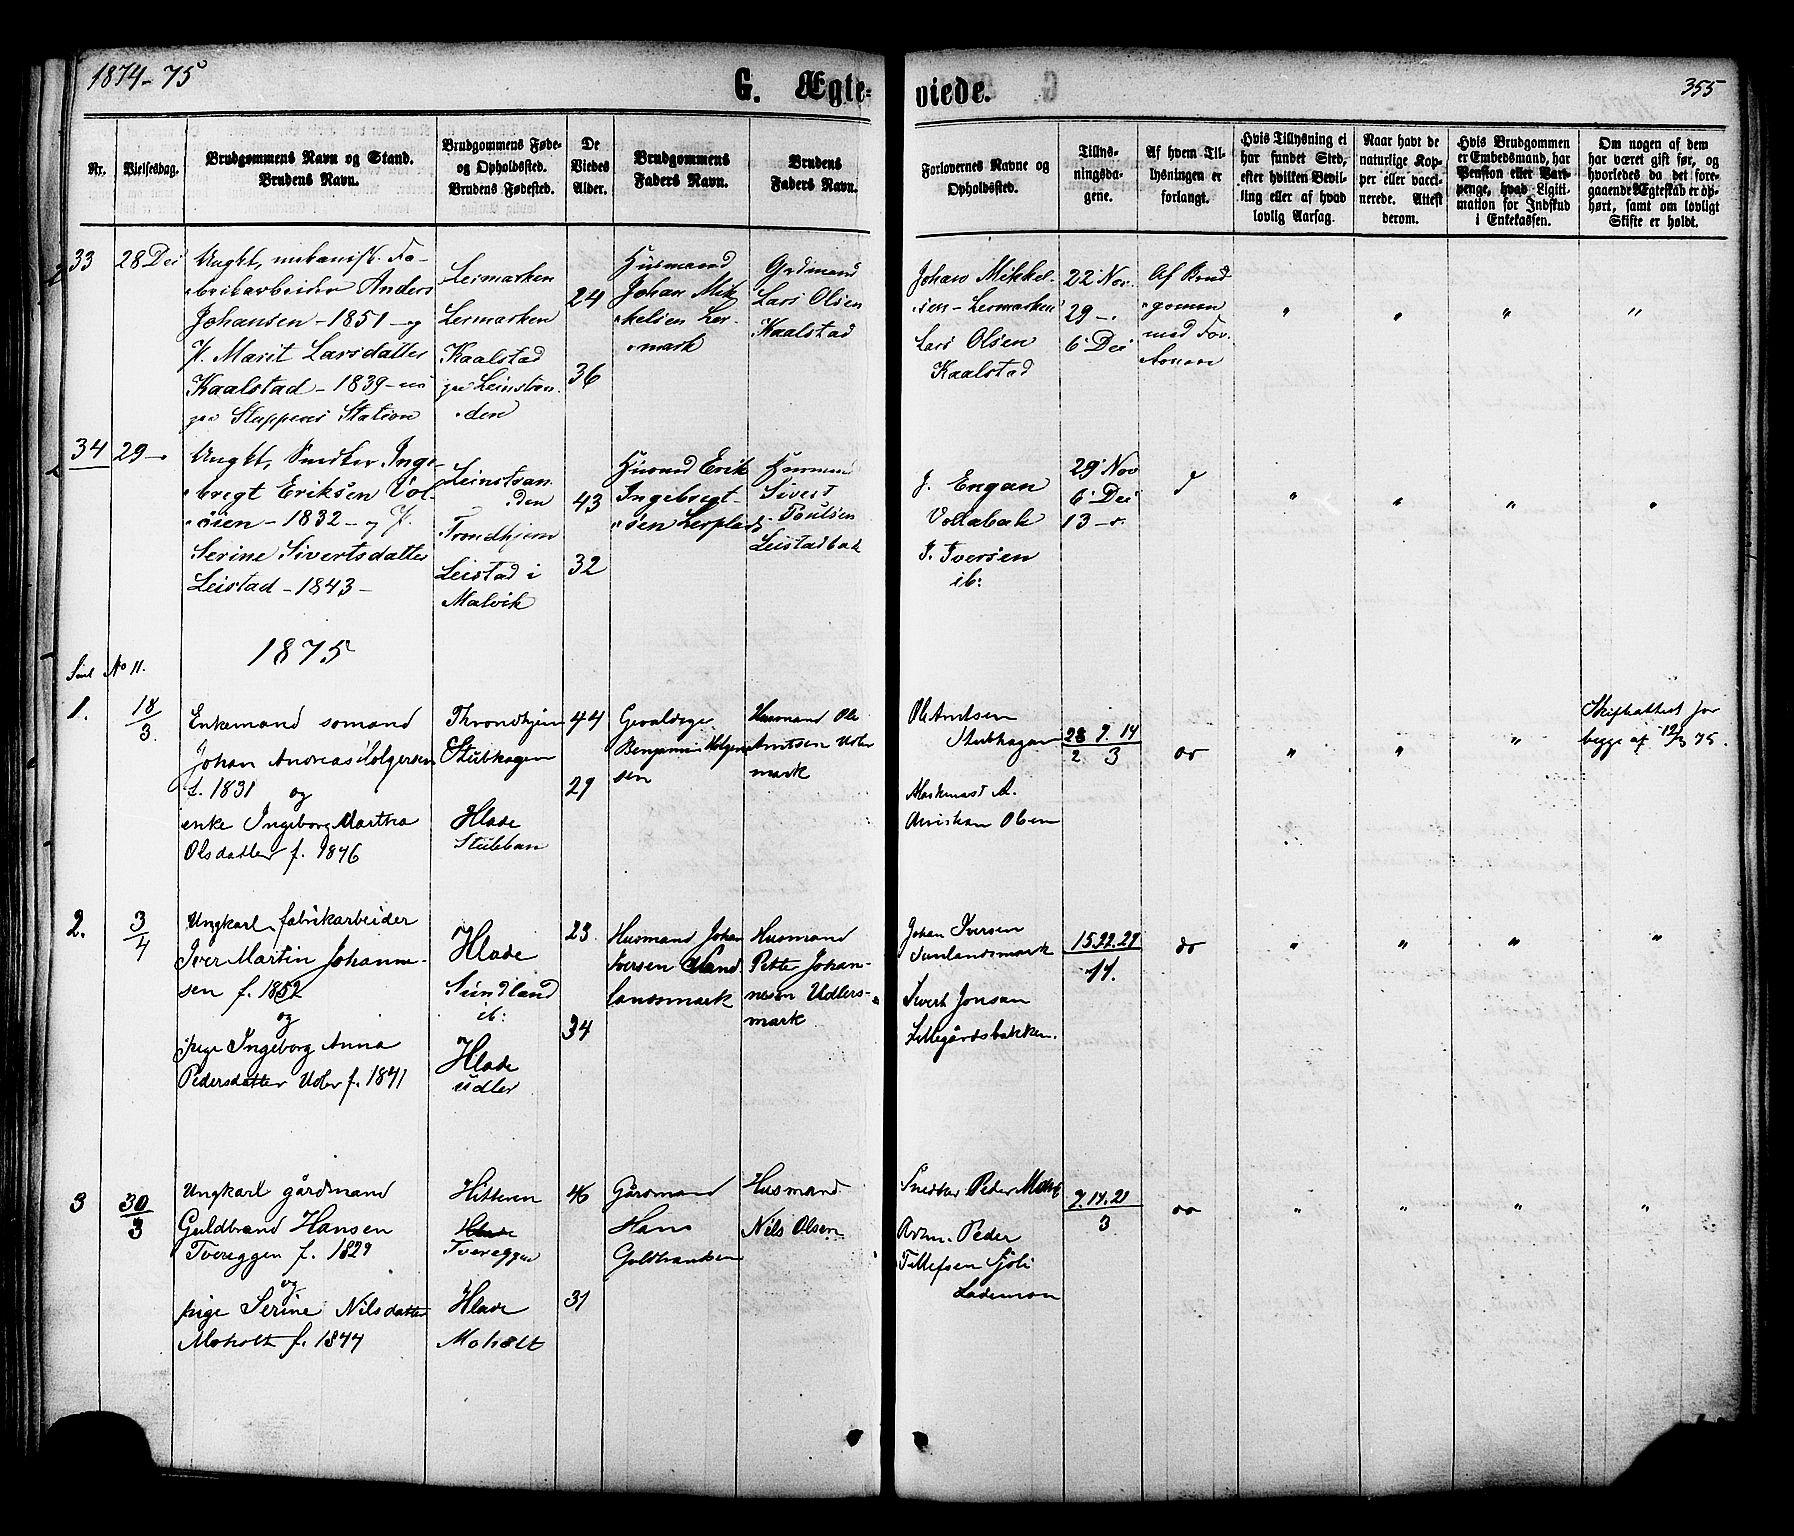 SAT, Ministerialprotokoller, klokkerbøker og fødselsregistre - Sør-Trøndelag, 606/L0293: Ministerialbok nr. 606A08, 1866-1877, s. 355